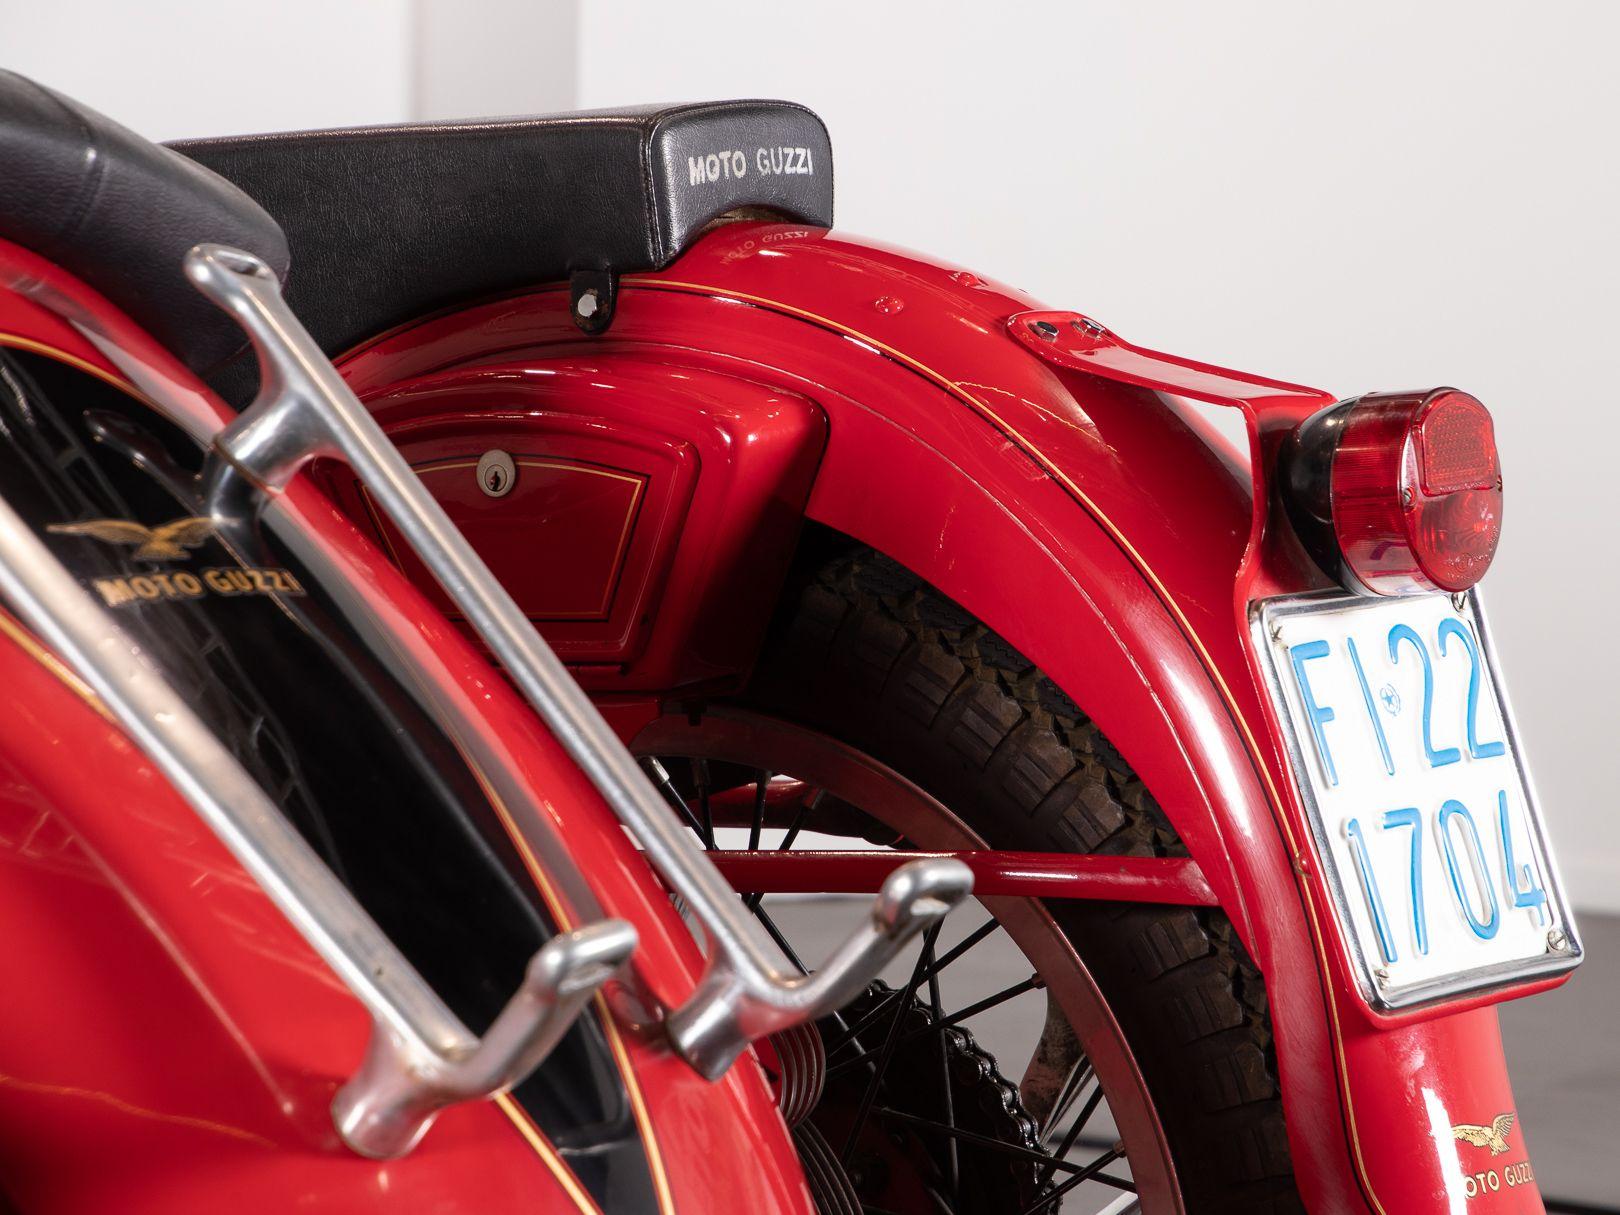 1956 Moto Guzzi 500 FS Sidecar 44961